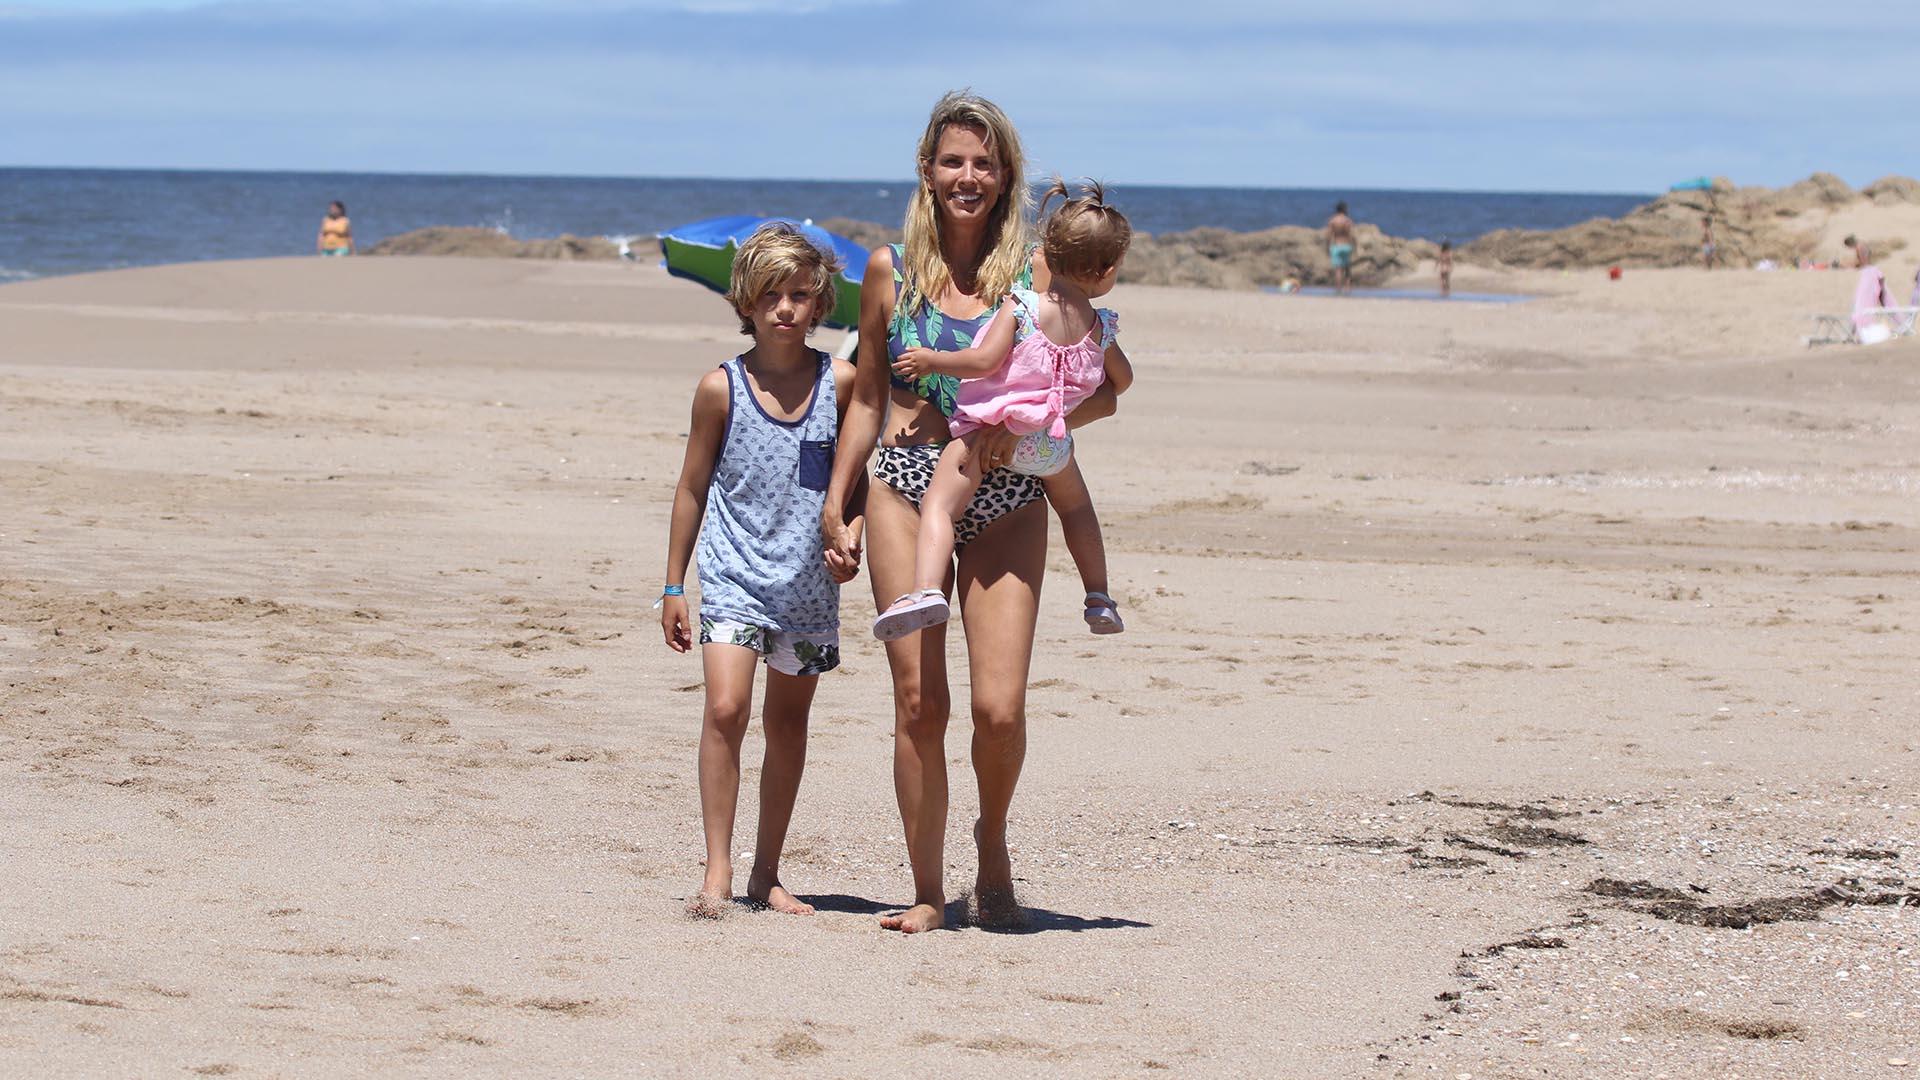 En la costa uruguaya, Carolina Jiménez Ober, la hermana de Susana, caminaba por la playa en compañía de sus hijos Guadalupe y Pakito (GM Press).